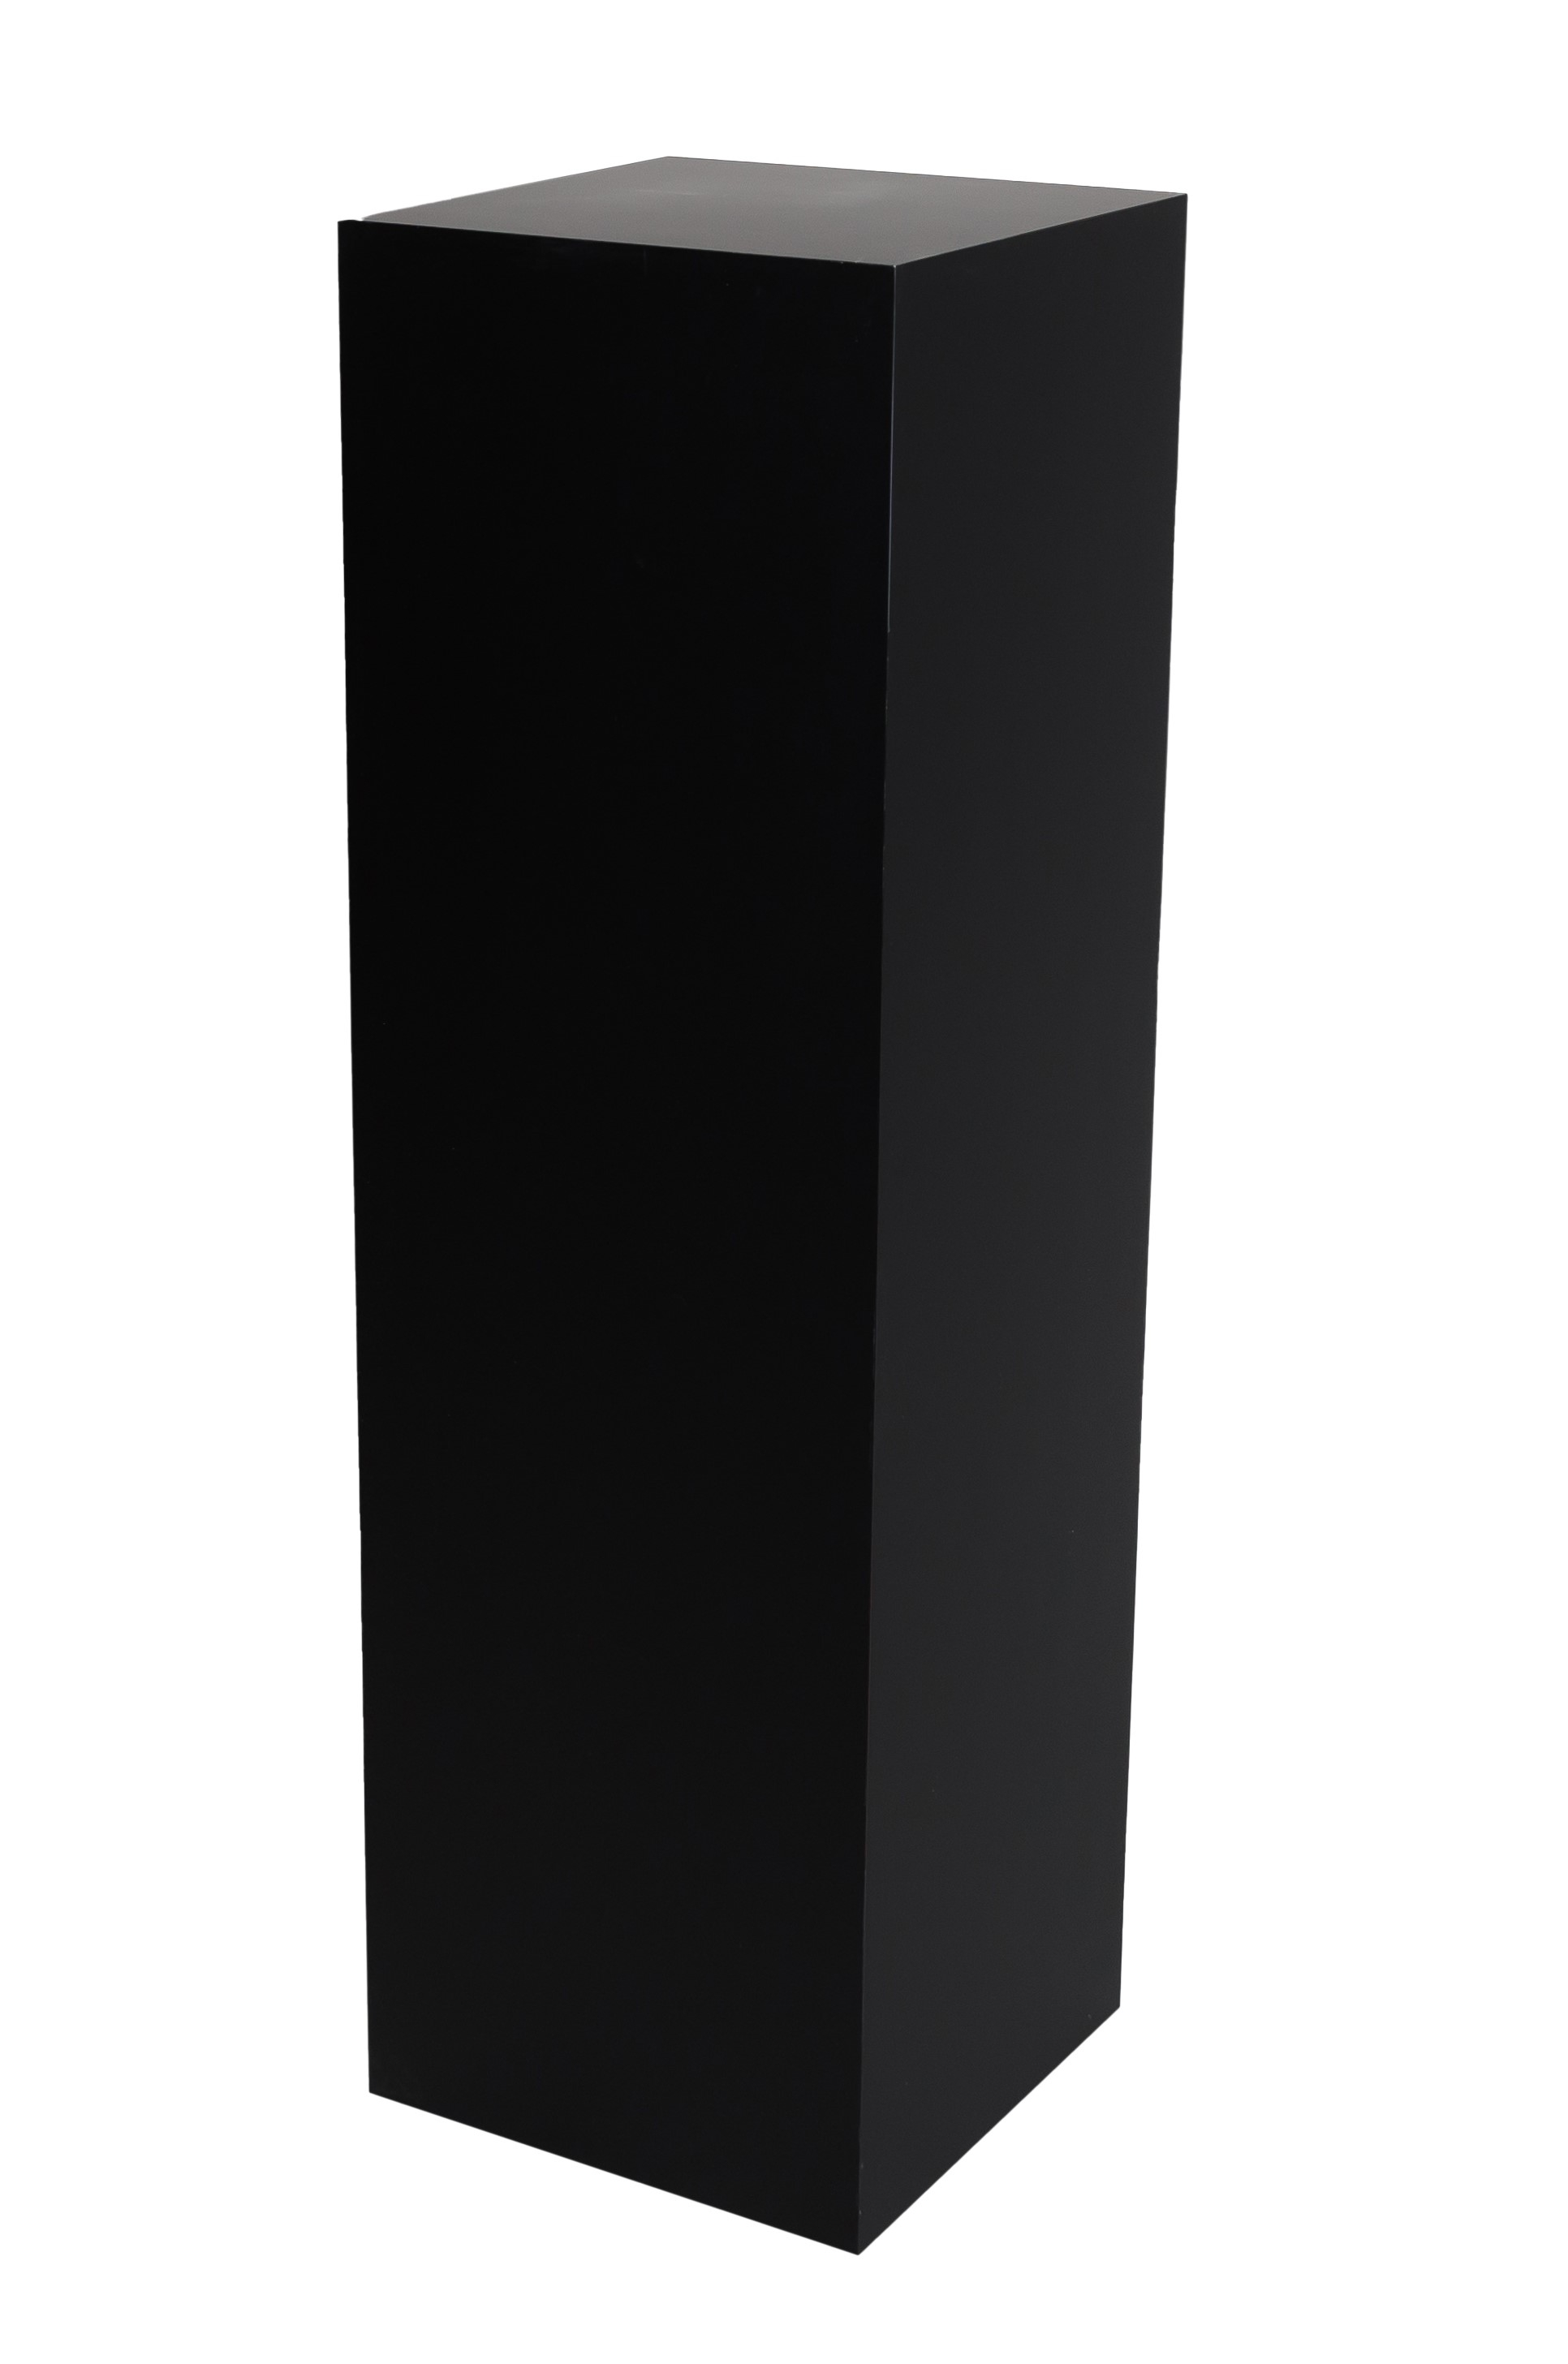 Solits sokkel zwart mat